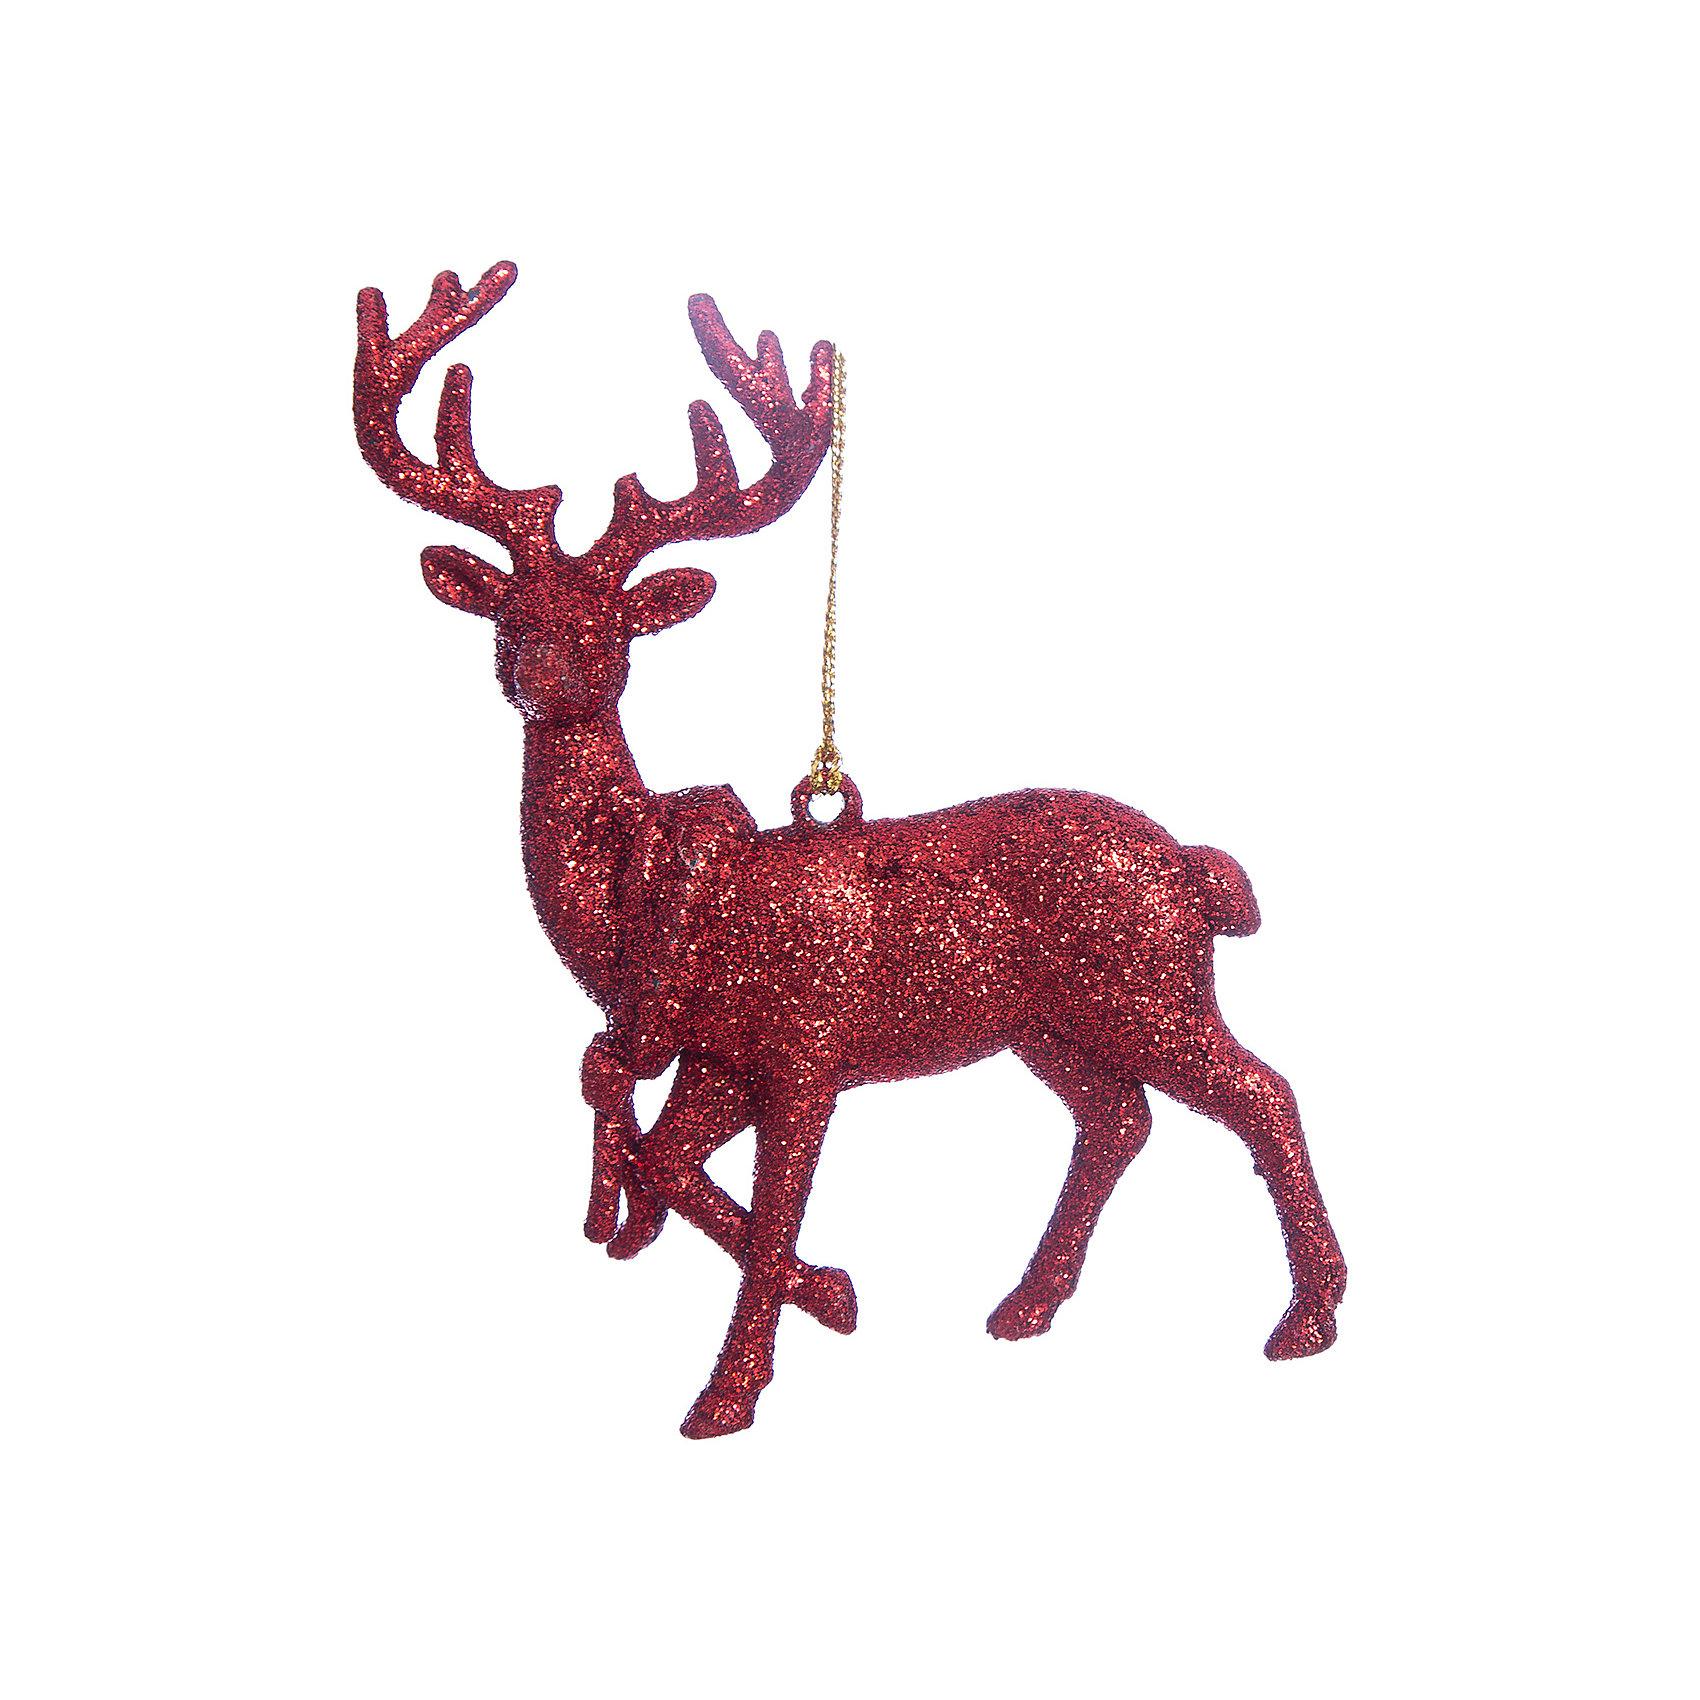 Украшение Красный оленьУкрашение Красный олень, Феникс-Презент, замечательно дополнит наряд Вашей новогодней елки и поможет создать праздничную волшебную атмосферу. Украшение выполнено в виде фигурки оленя с красивыми ветвистыми рогами и декорировано блестками, оно будет чудесно смотреться на елке и радовать детей и взрослых. <br><br>Дополнительная информация:<br><br>- Материал: пластик.<br>- Размер украшения: 11,5 х 11,5 см.<br>- Вес: 46 гр.<br><br>Украшение Красный олень, Феникс-Презент, можно купить в нашем интернет-магазине.<br><br>Ширина мм: 1<br>Глубина мм: 120<br>Высота мм: 120<br>Вес г: 46<br>Возраст от месяцев: 36<br>Возраст до месяцев: 2147483647<br>Пол: Унисекс<br>Возраст: Детский<br>SKU: 4276563